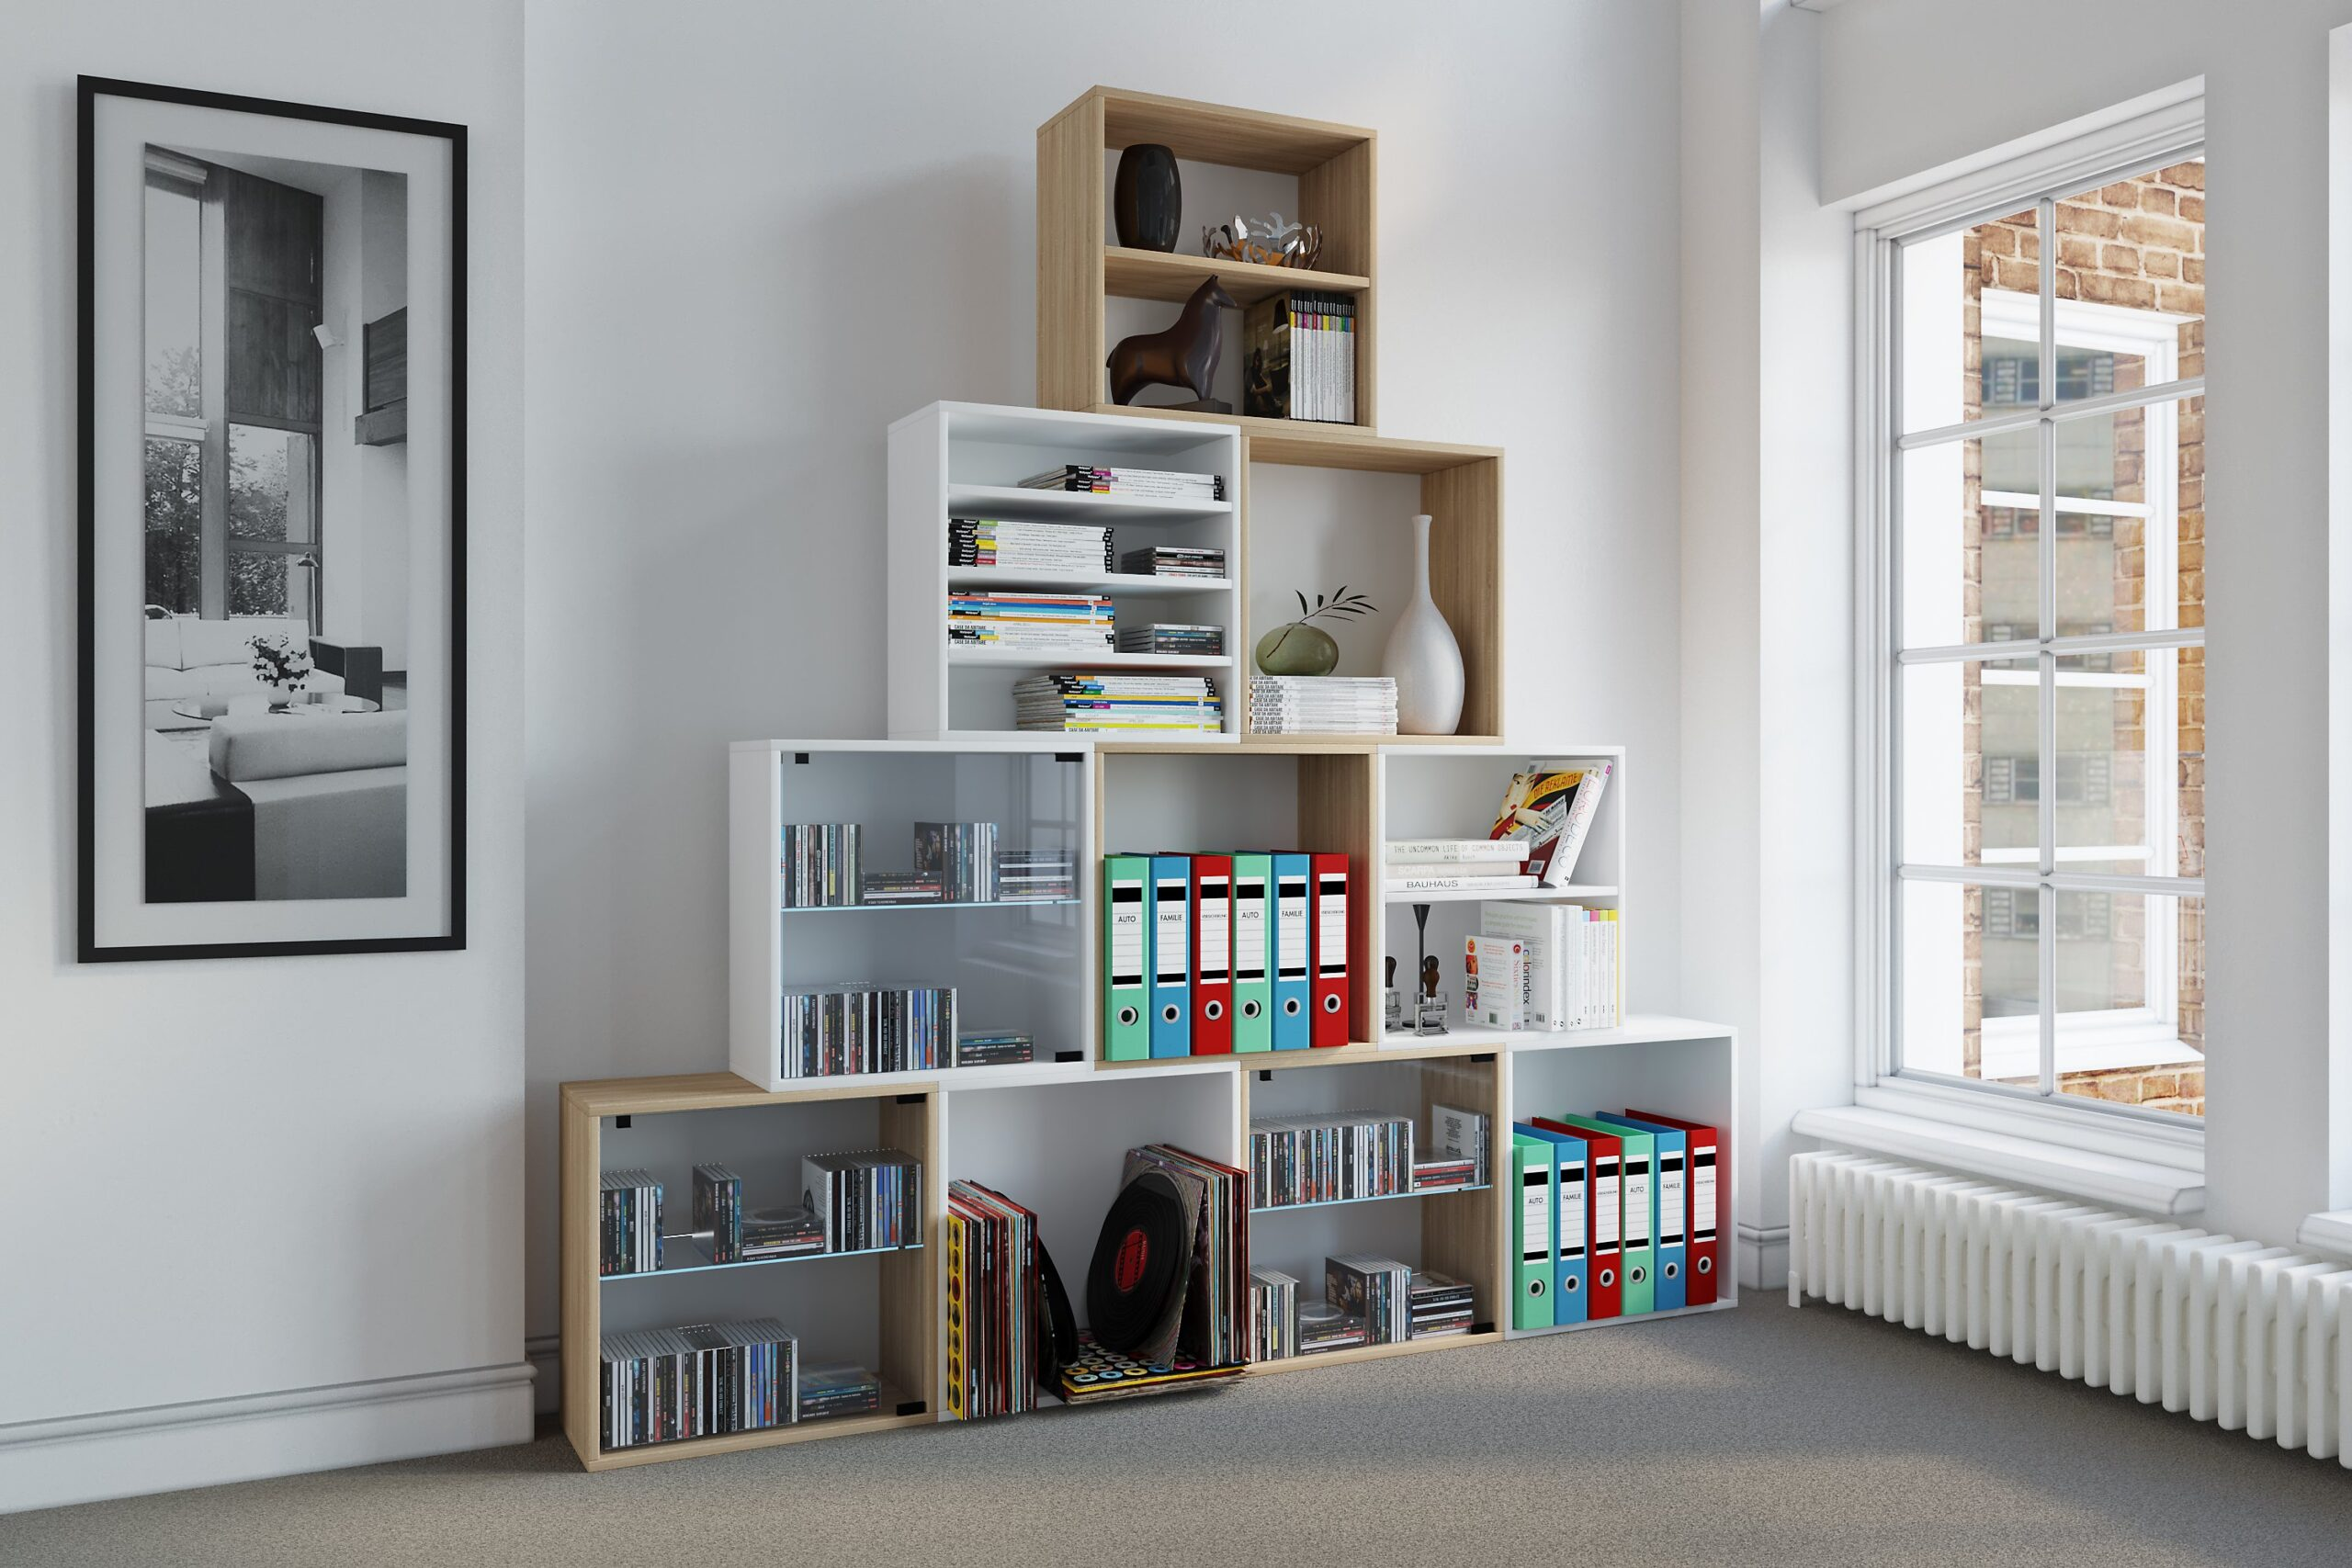 Full Size of Bauhaus Gartenliege Regalwurfel Holz Latest With Fenster Wohnzimmer Bauhaus Gartenliege